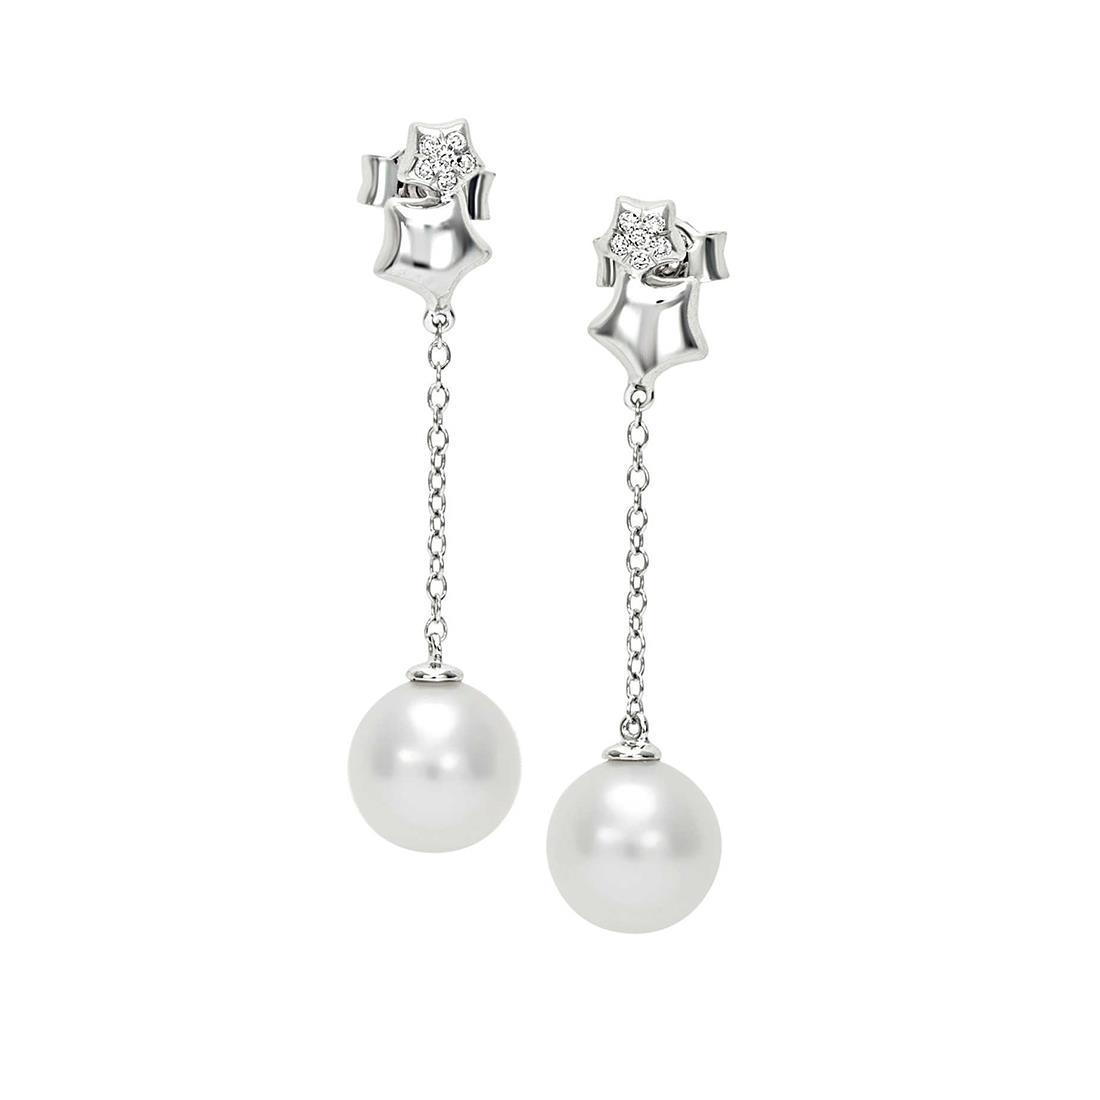 Orecchini con diamanti e perla - BLISS